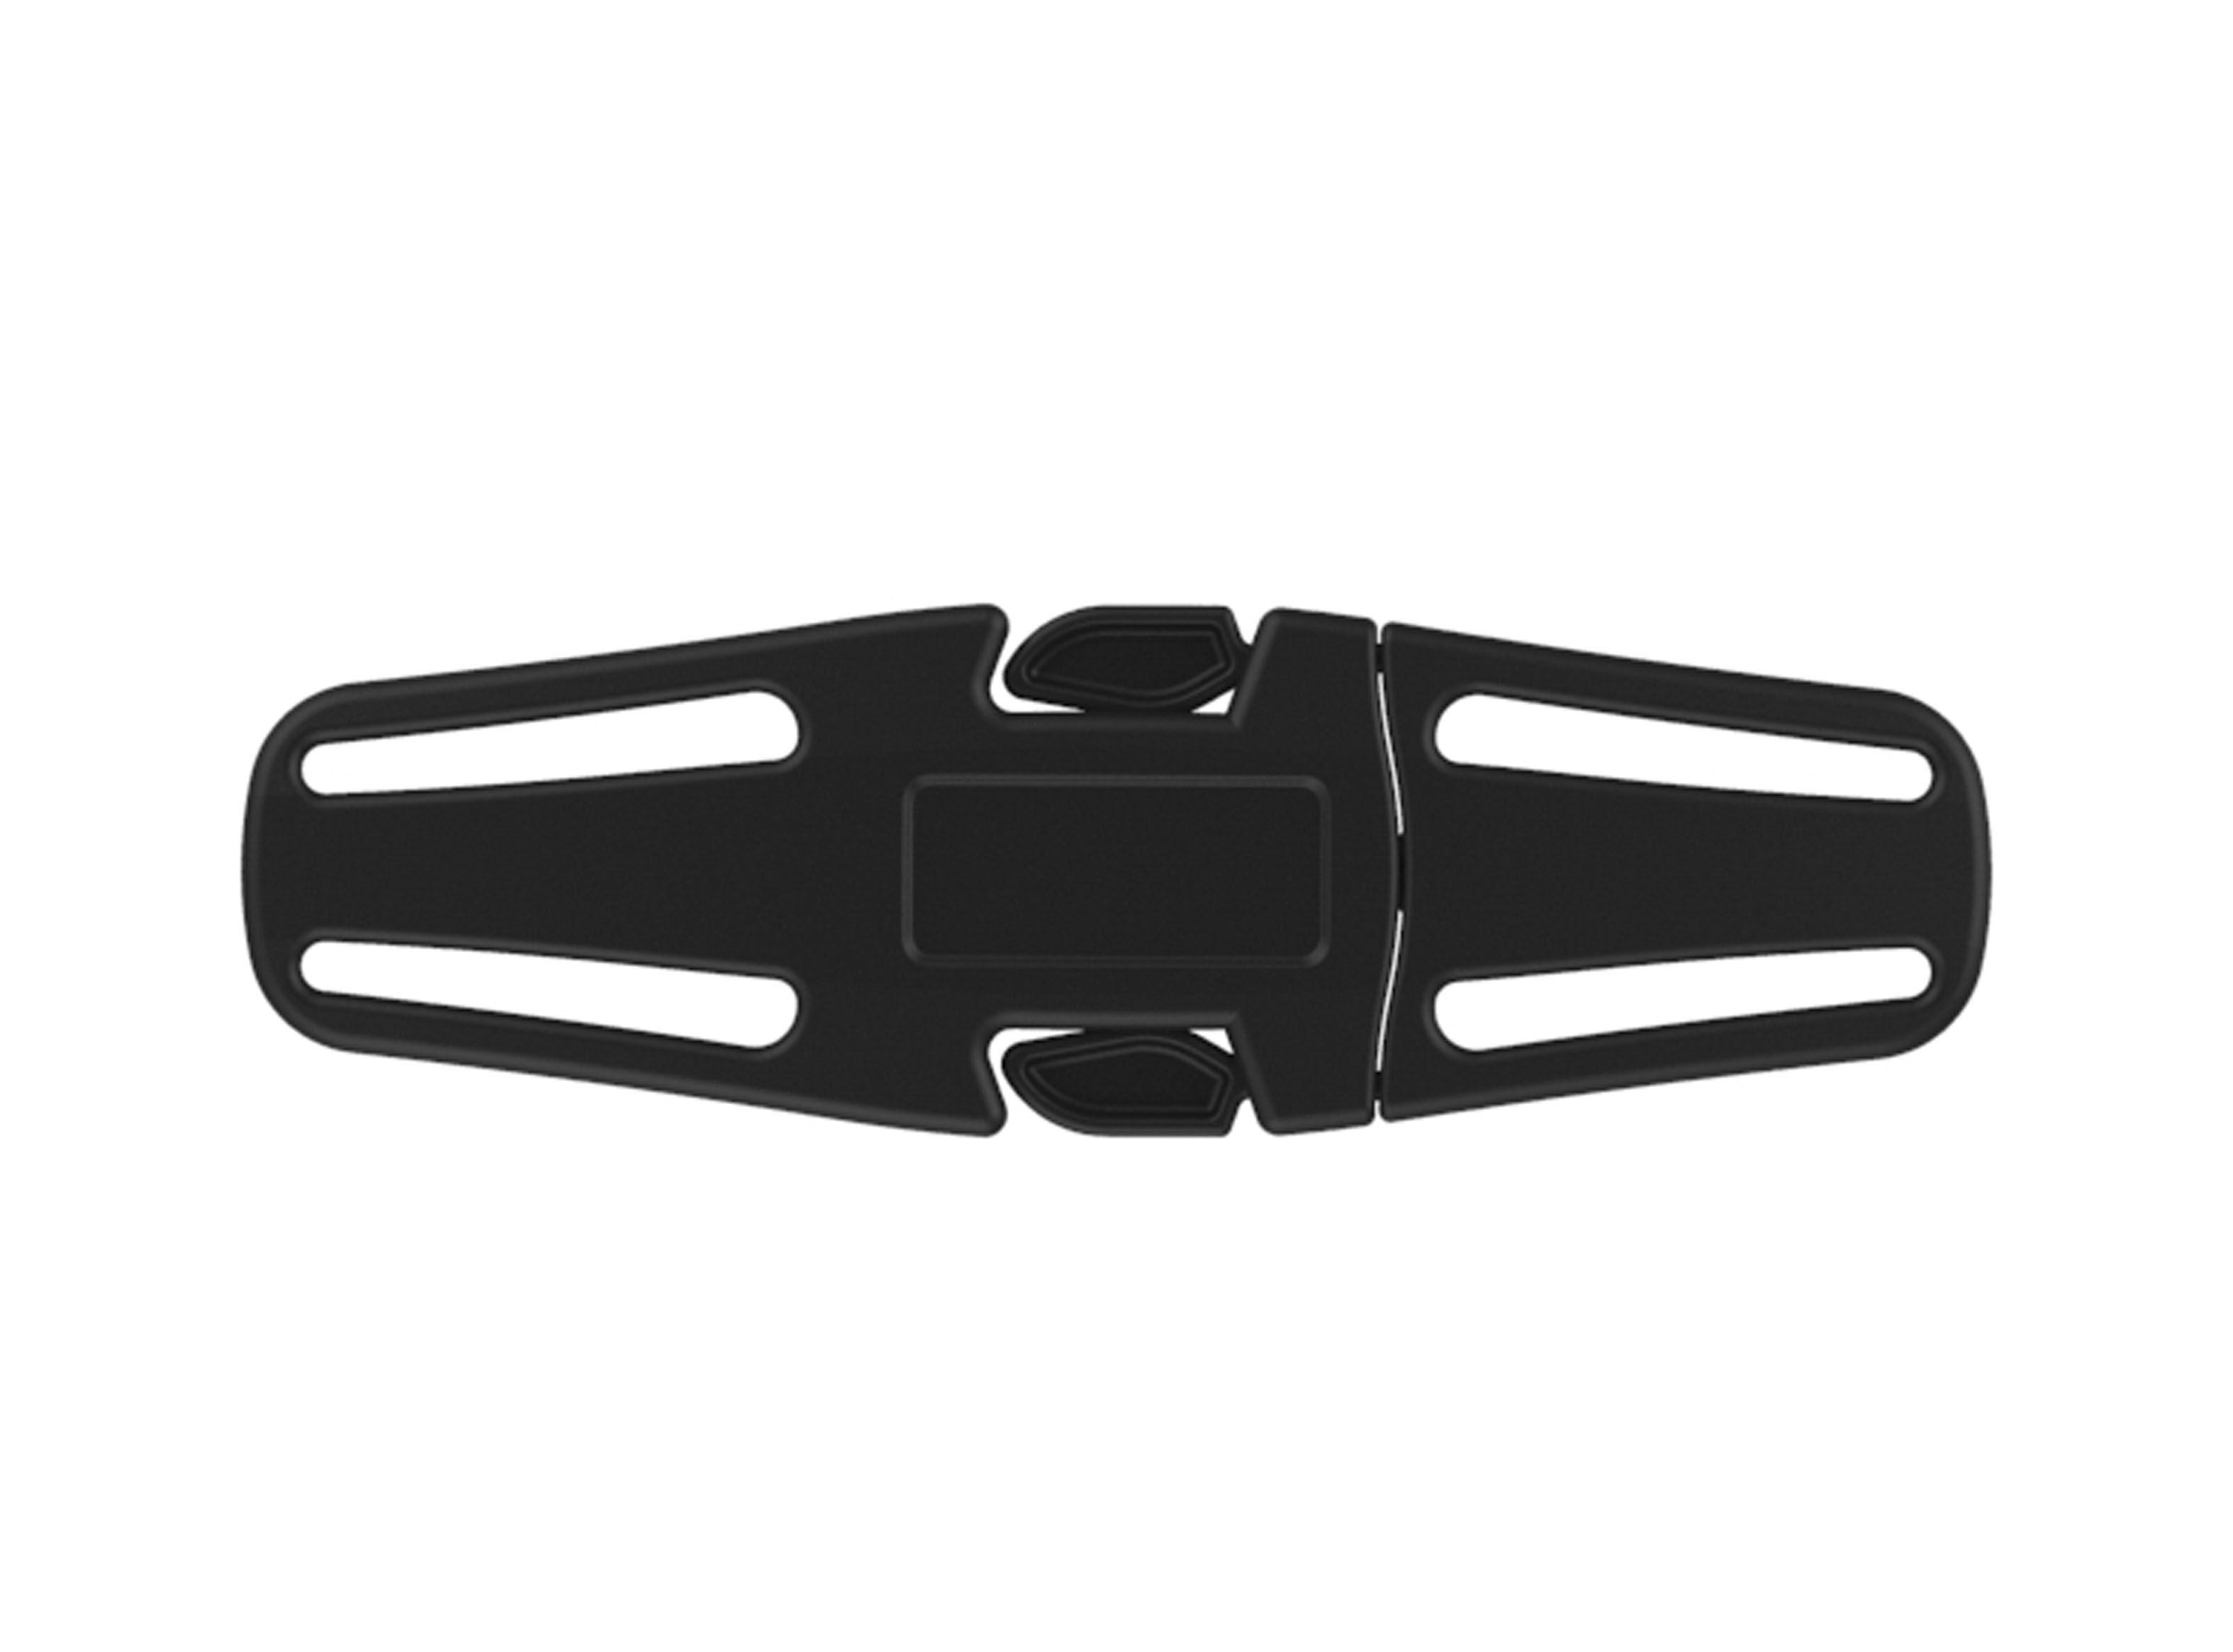 Coches Clip Auto Silla Seguro Crece Arnes En Accesorios Sujeción De 5Aq3jRL4